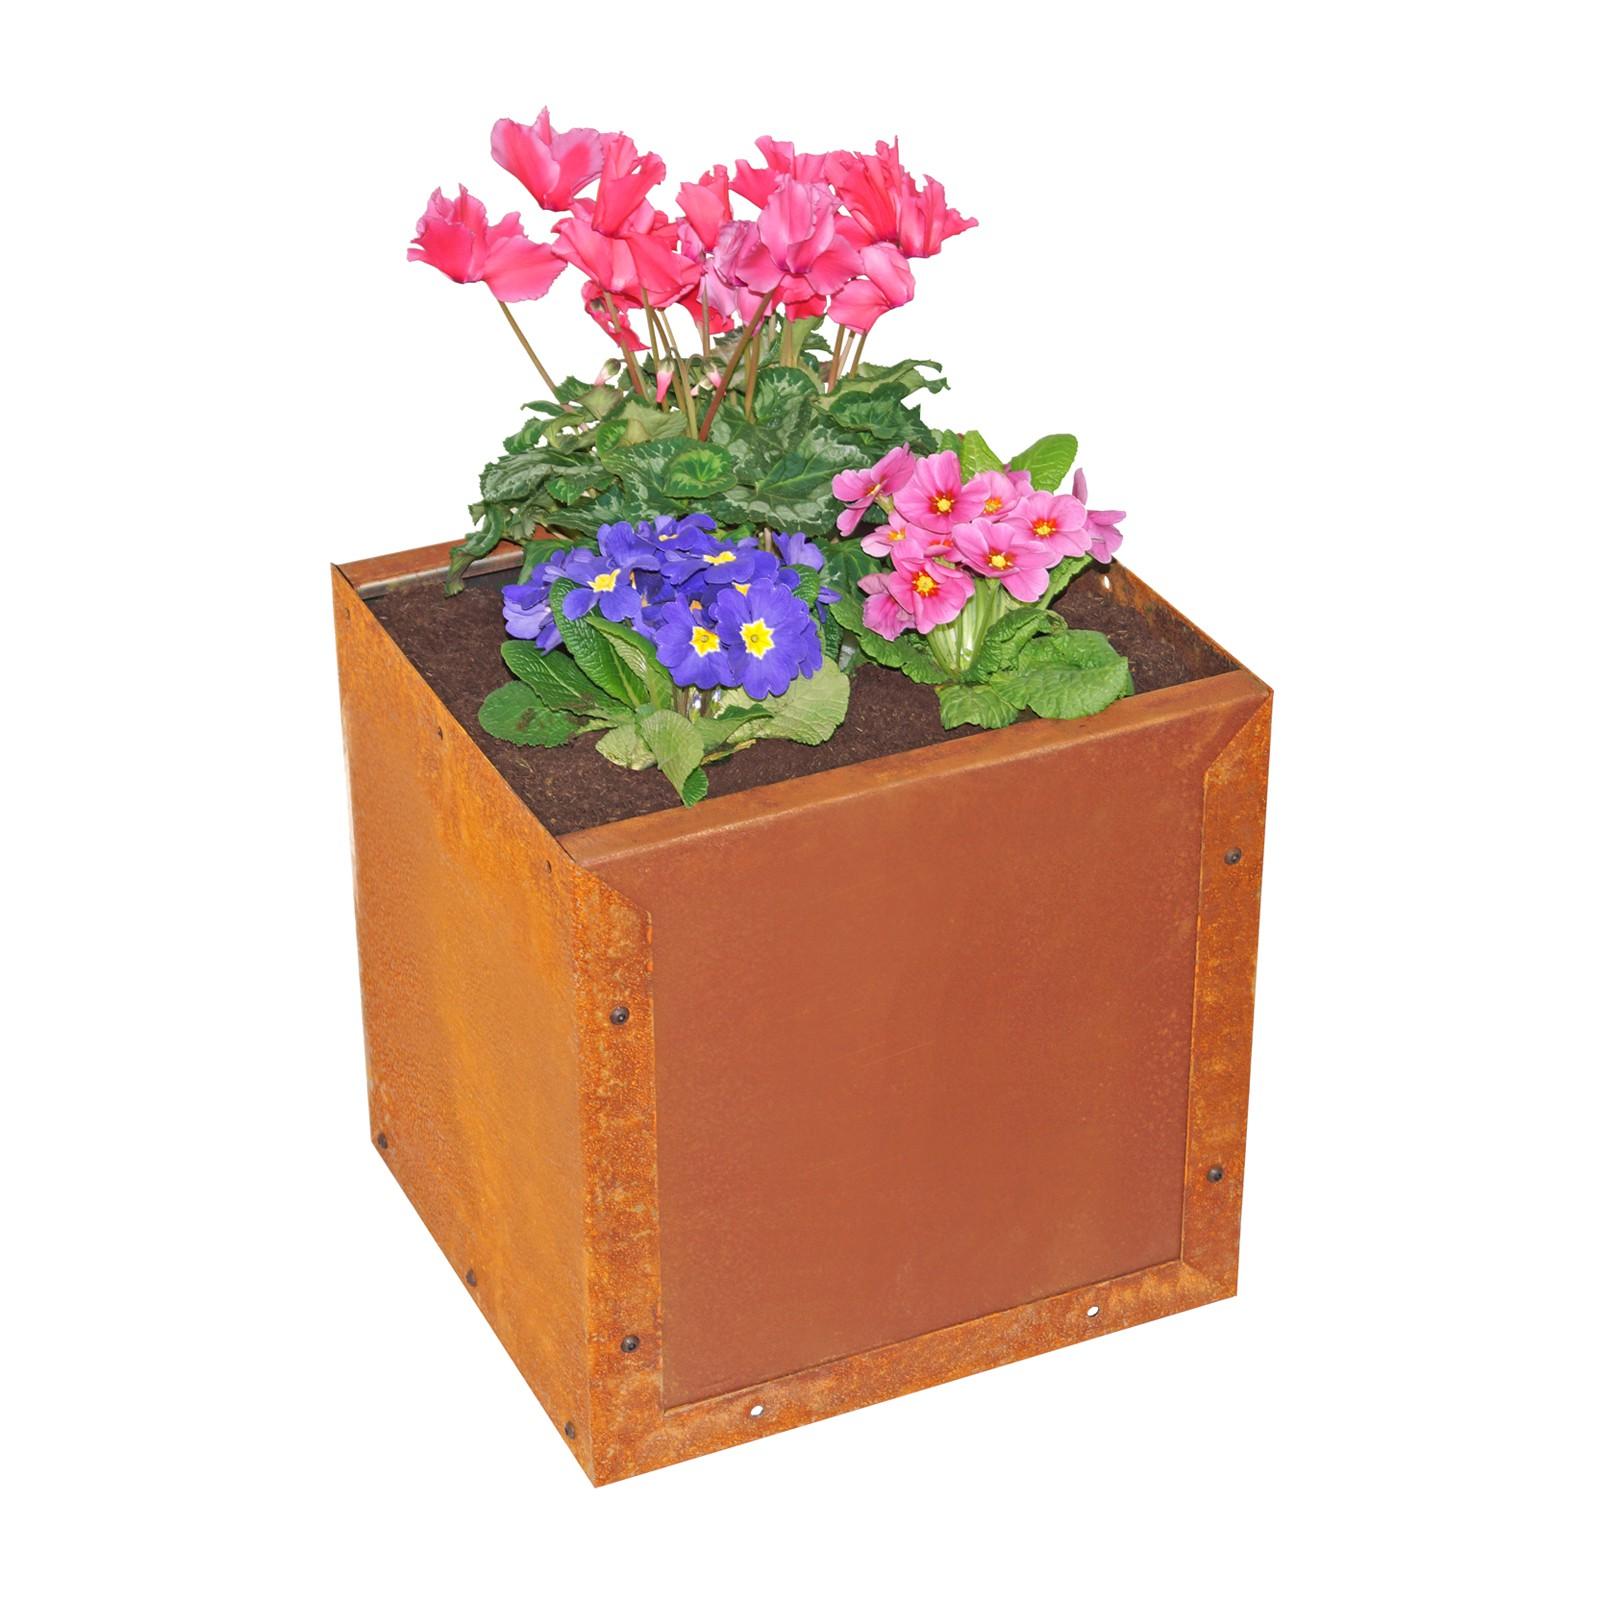 Prima terra Pflanzkasten Blumenkasten Edelrost 38x38x35cm Pflanzkübel Pflanztrog S3003201